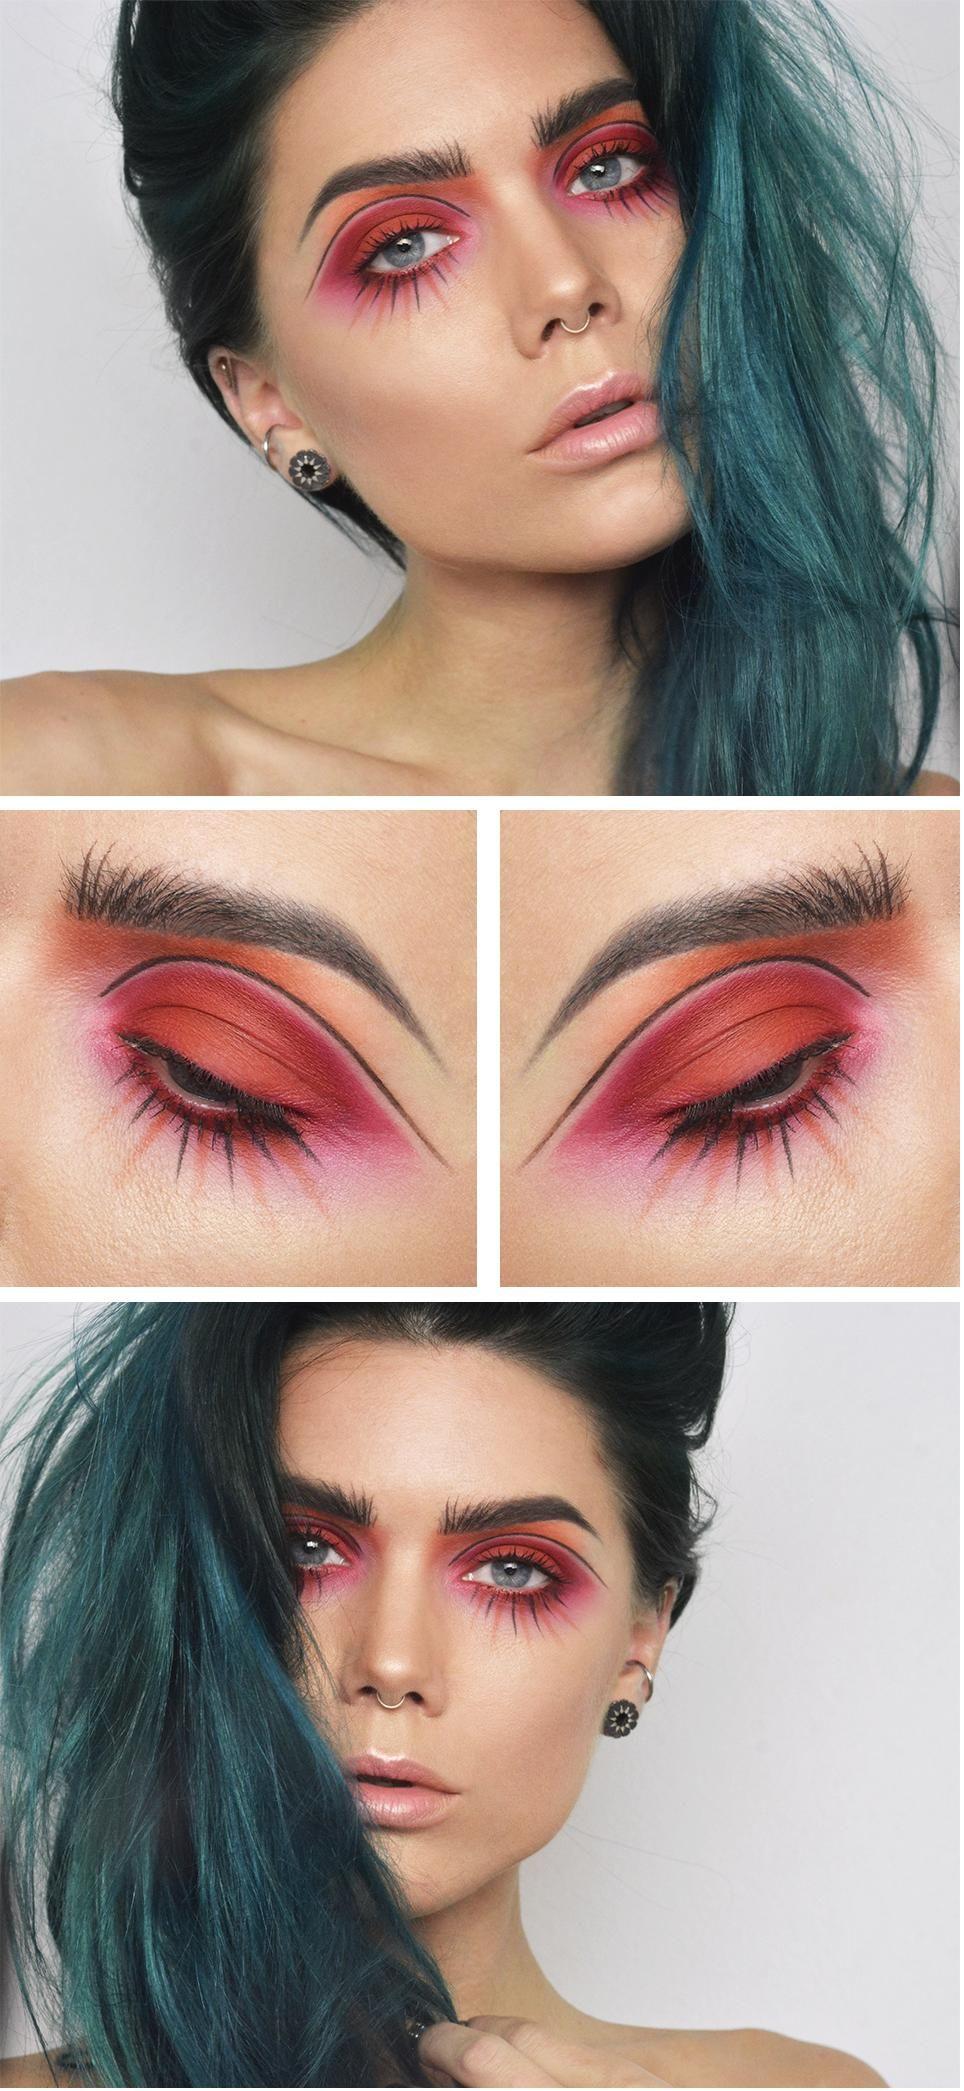 doll face Ögonmakeup, Makeup och Vackra ögon